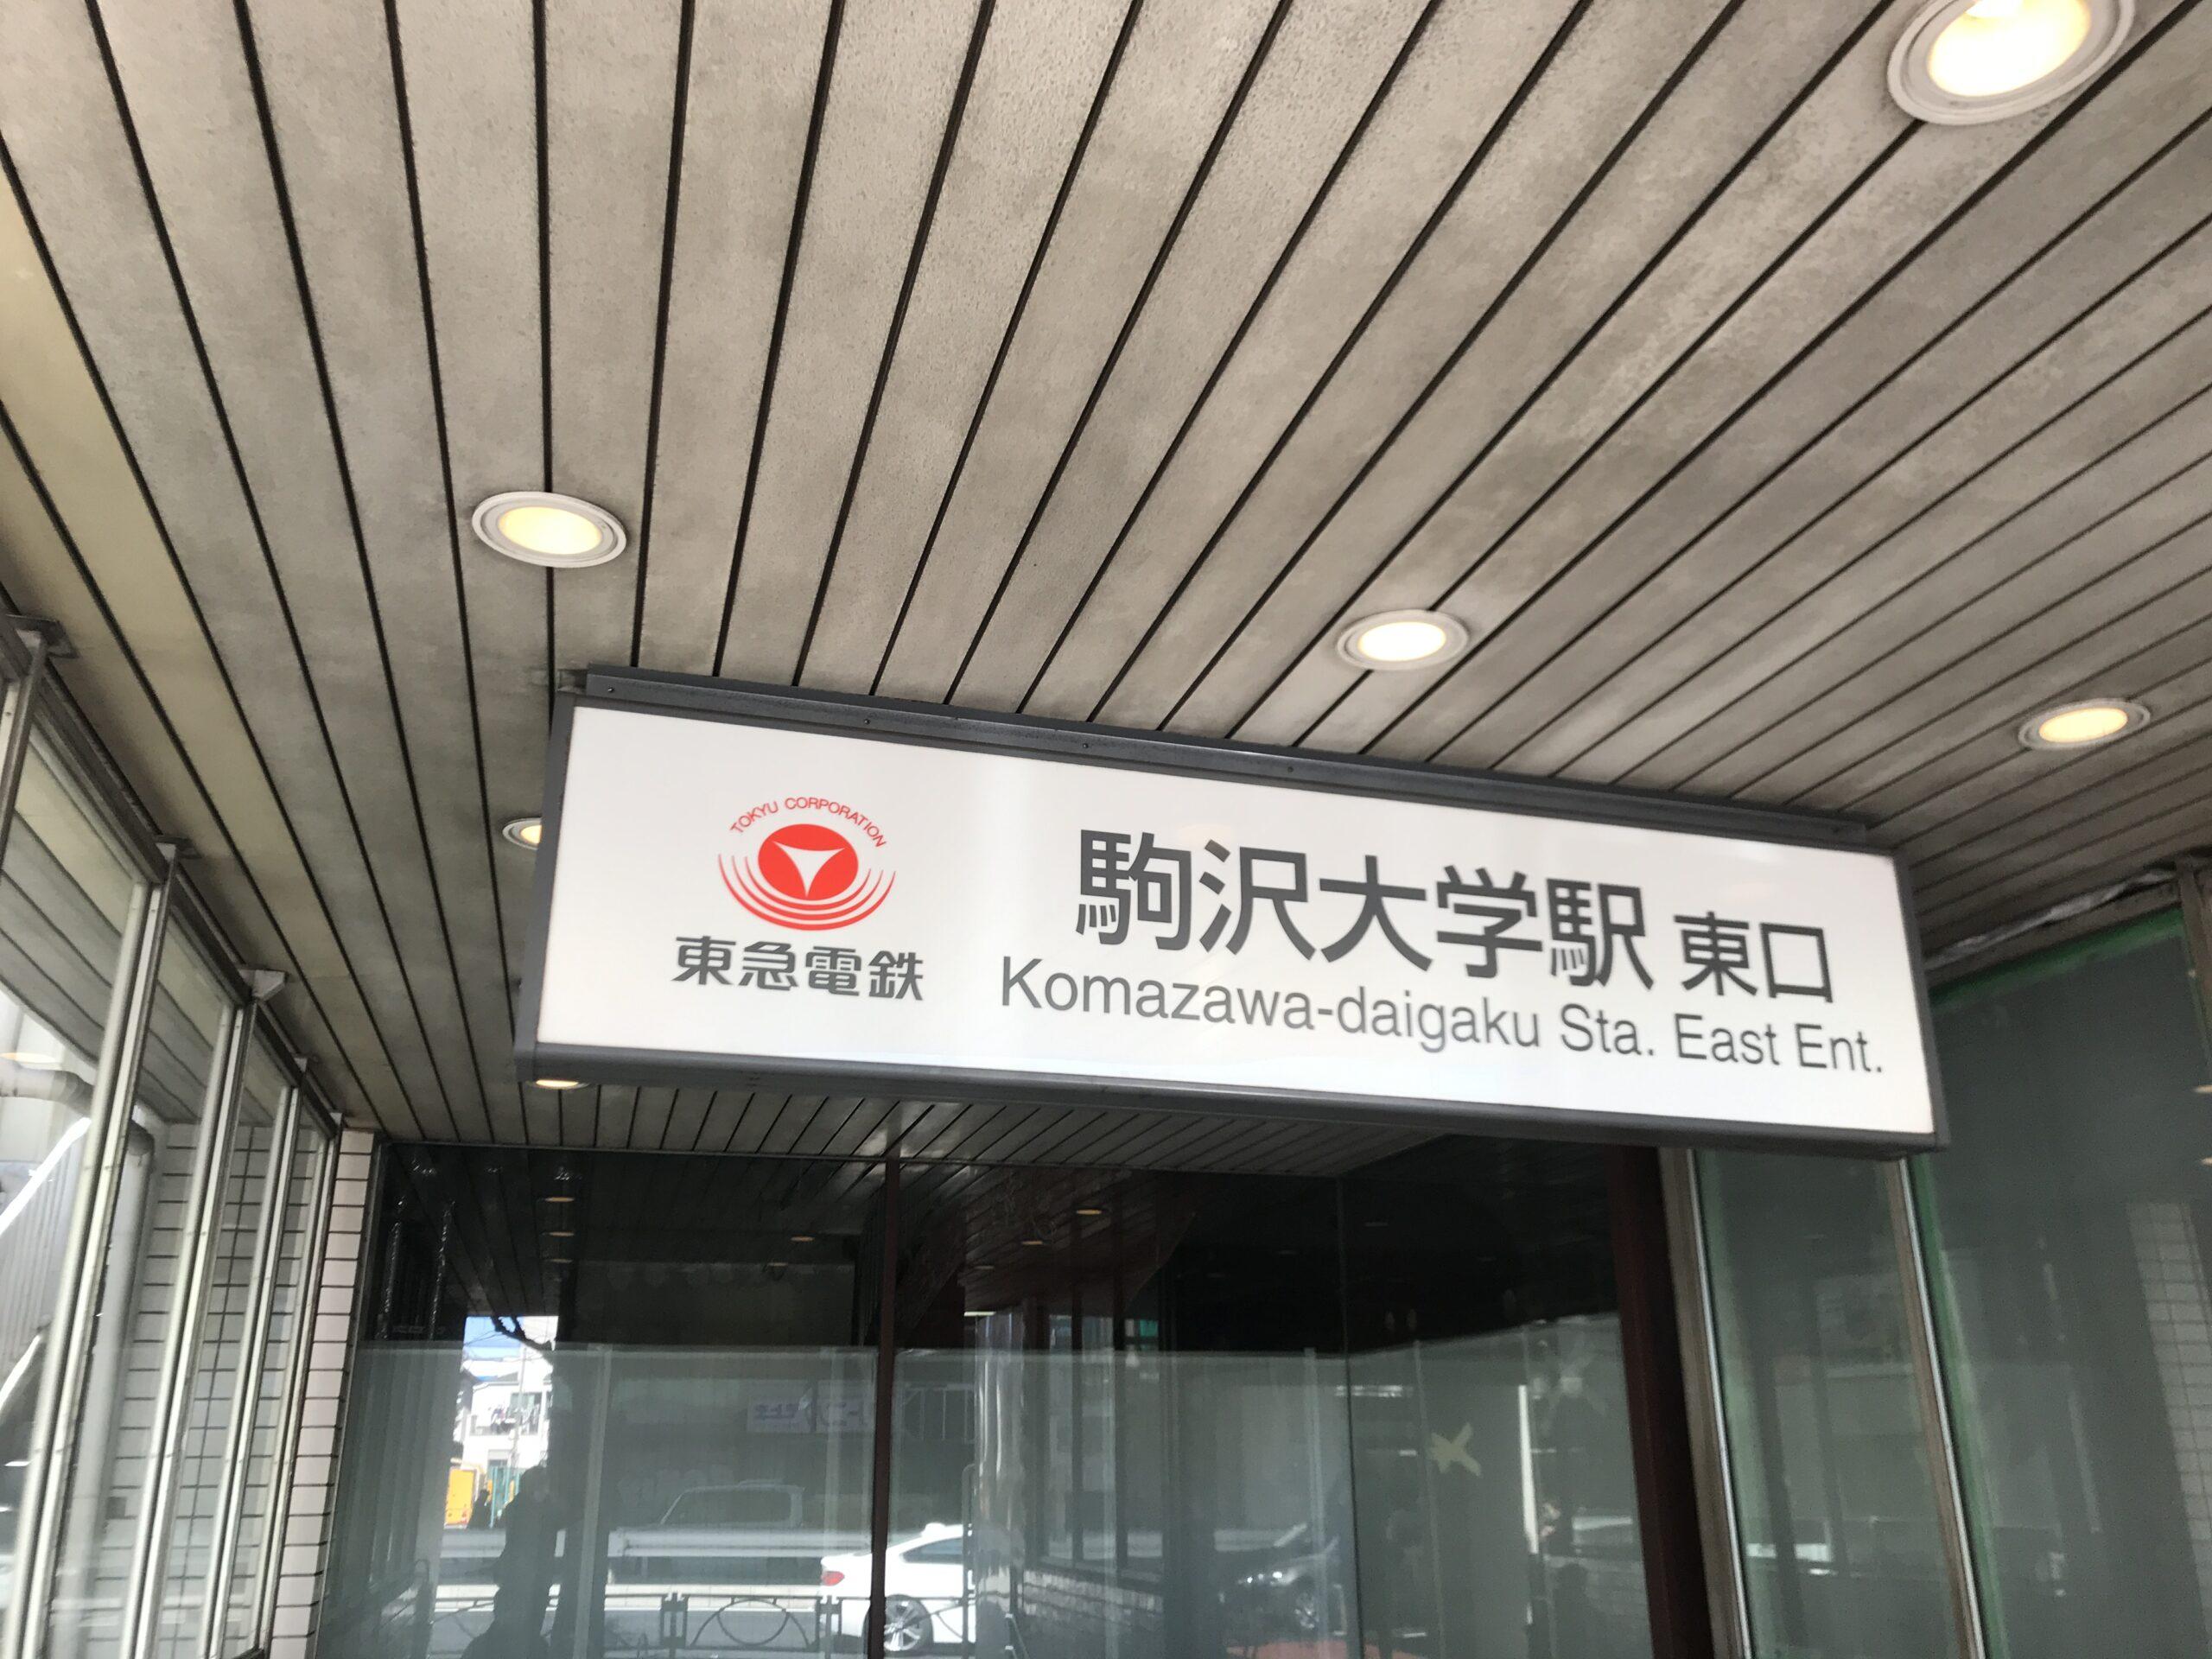 DT04_駒沢大学駅東口